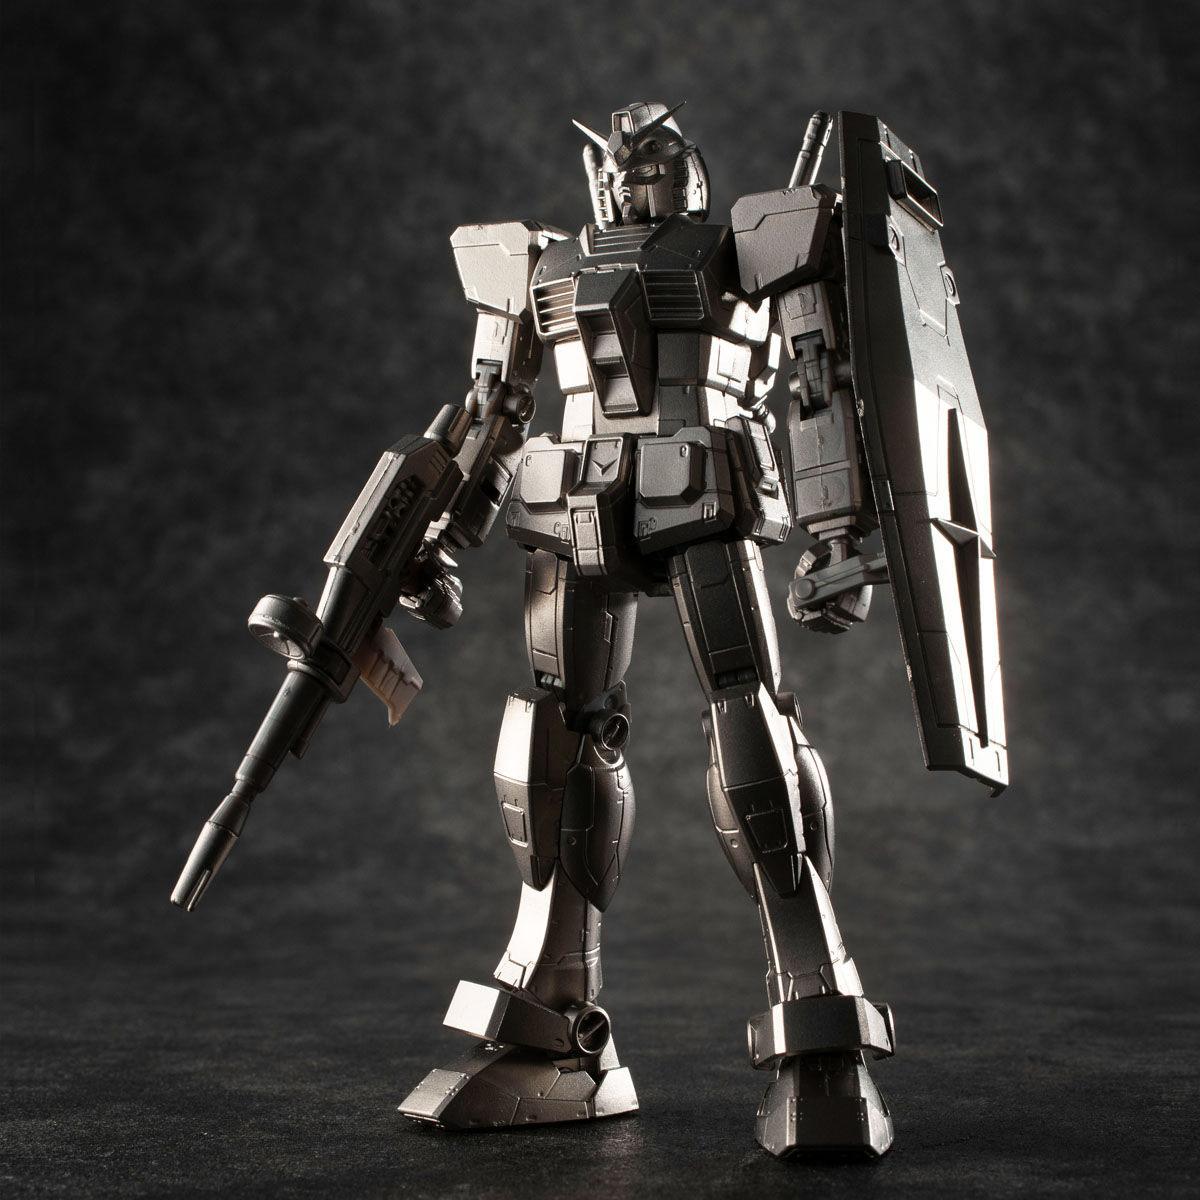 【限定販売】【再販】ガンダリウム合金モデル『RX-78-2 ガンダム』1/144 合金モデル-004